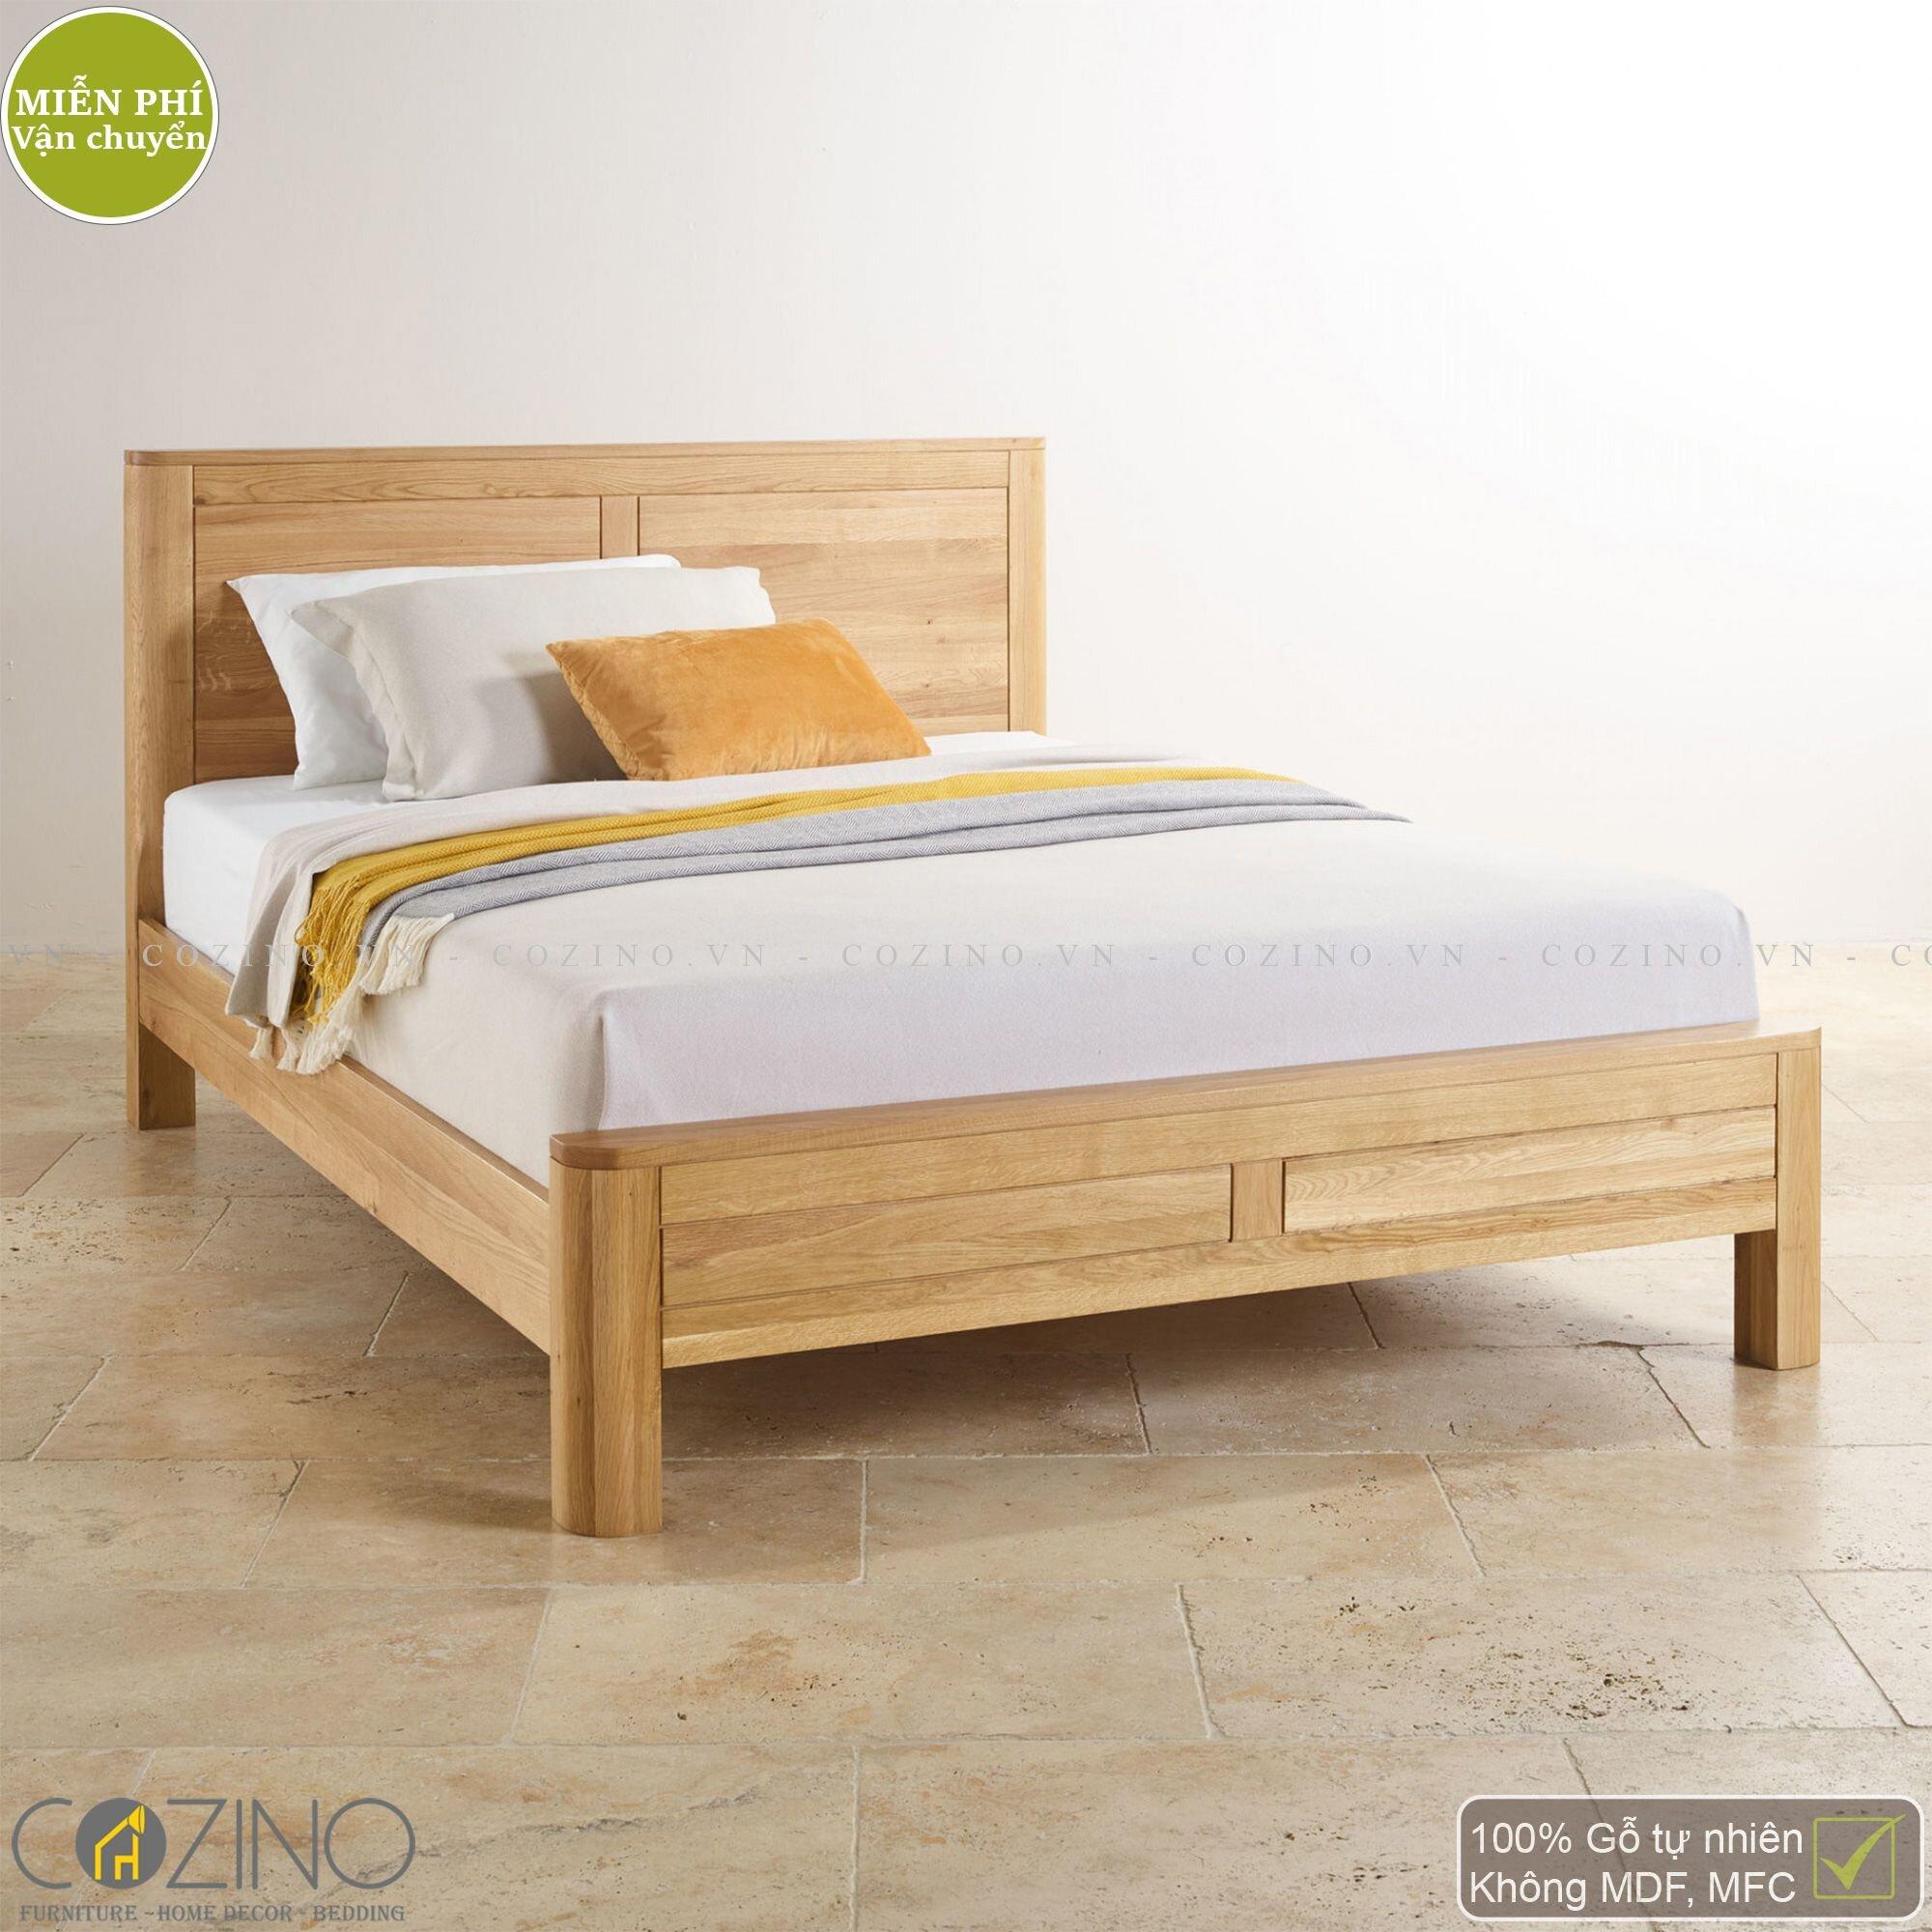 Giường đơn Emley Cozino